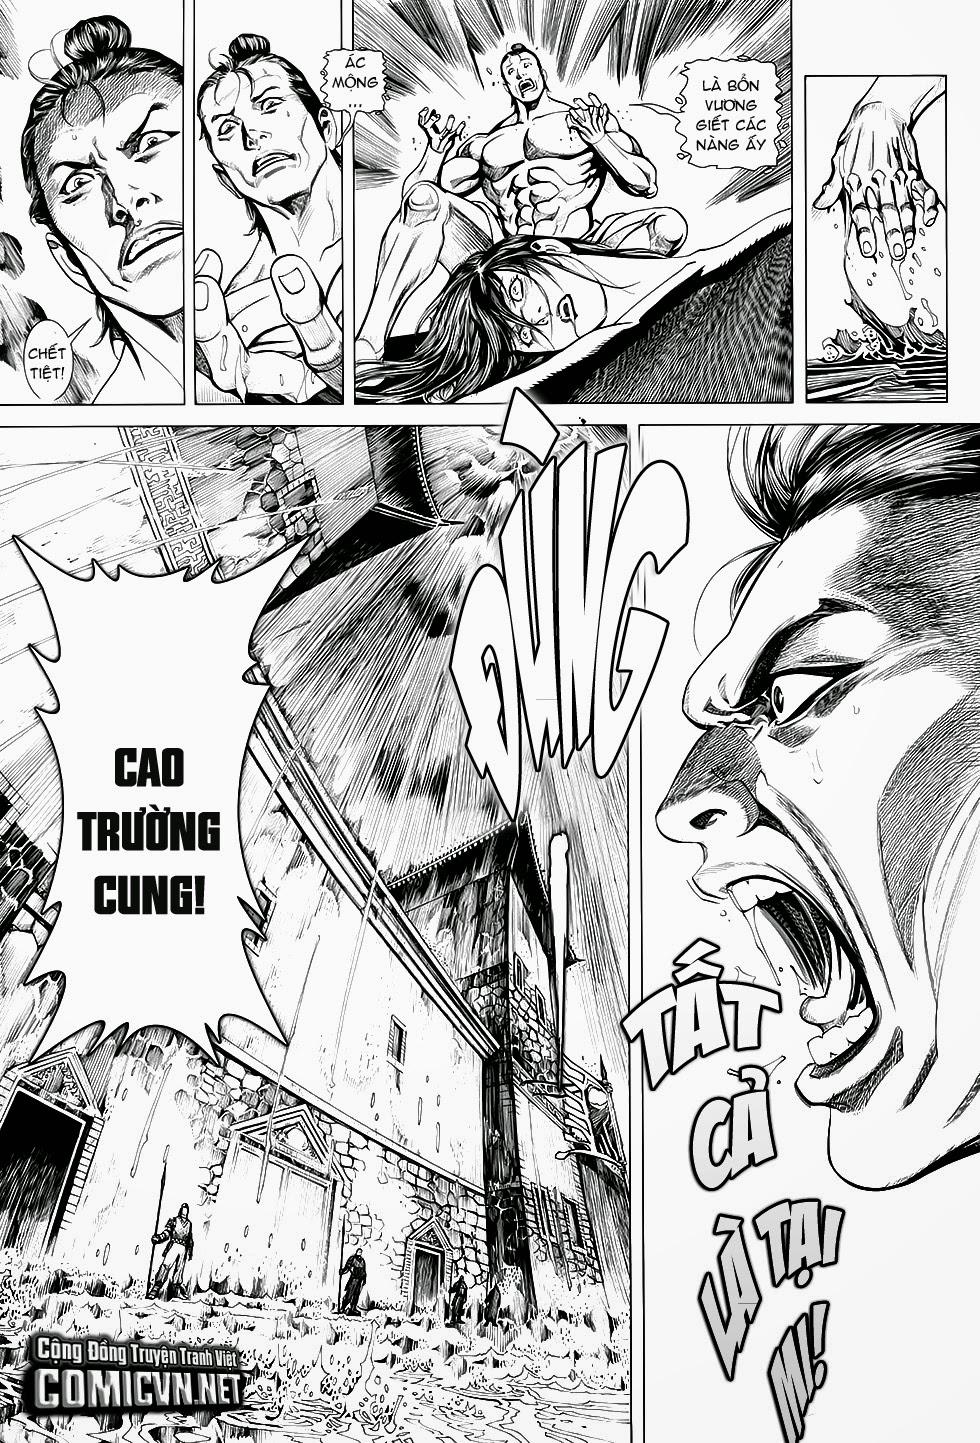 Chiến Phổ chapter 1: chiến thần lan lăng vương trang 10